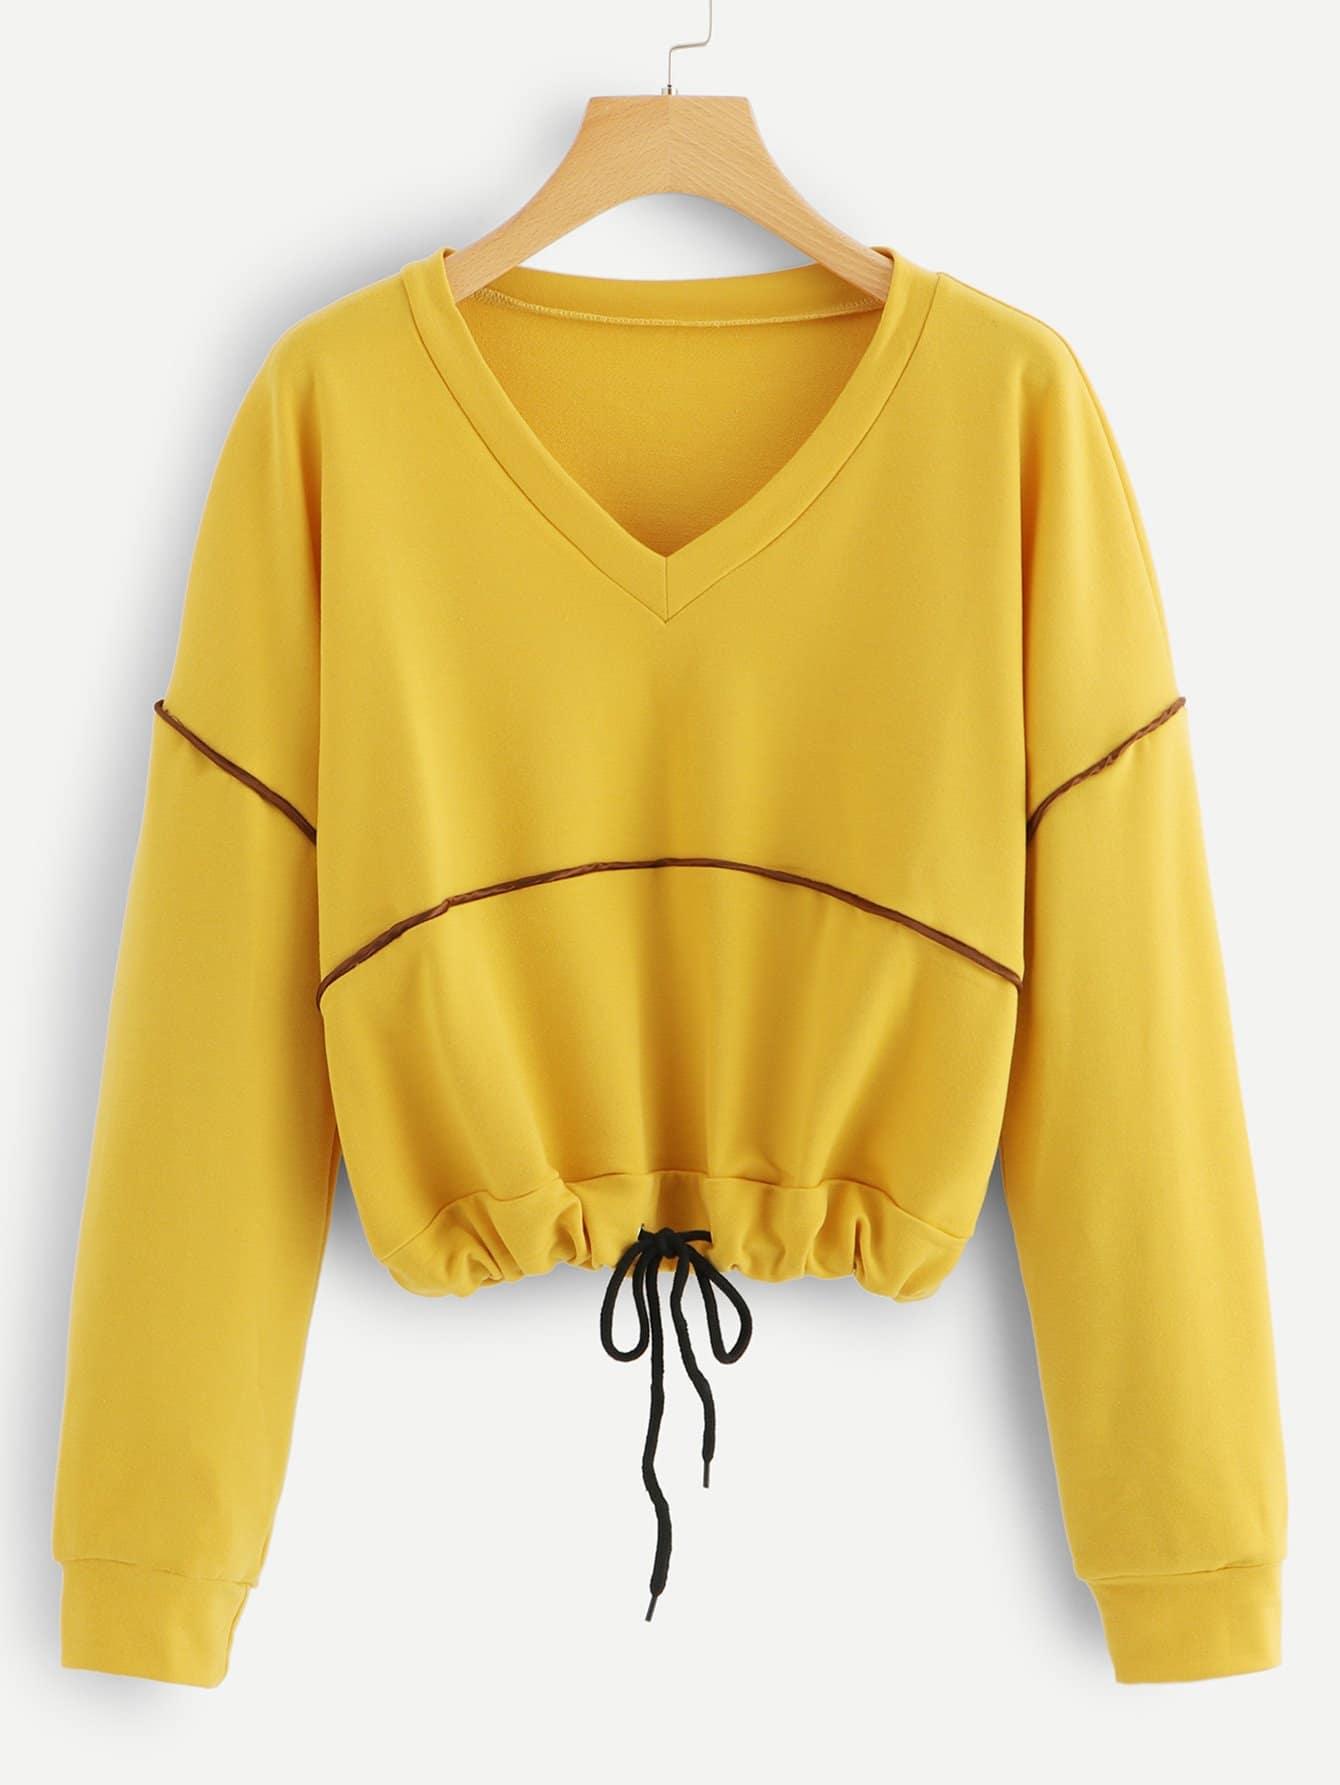 Купить Повседневный на кулиске Пуловеры Имбирный Свитшоты, null, SheIn